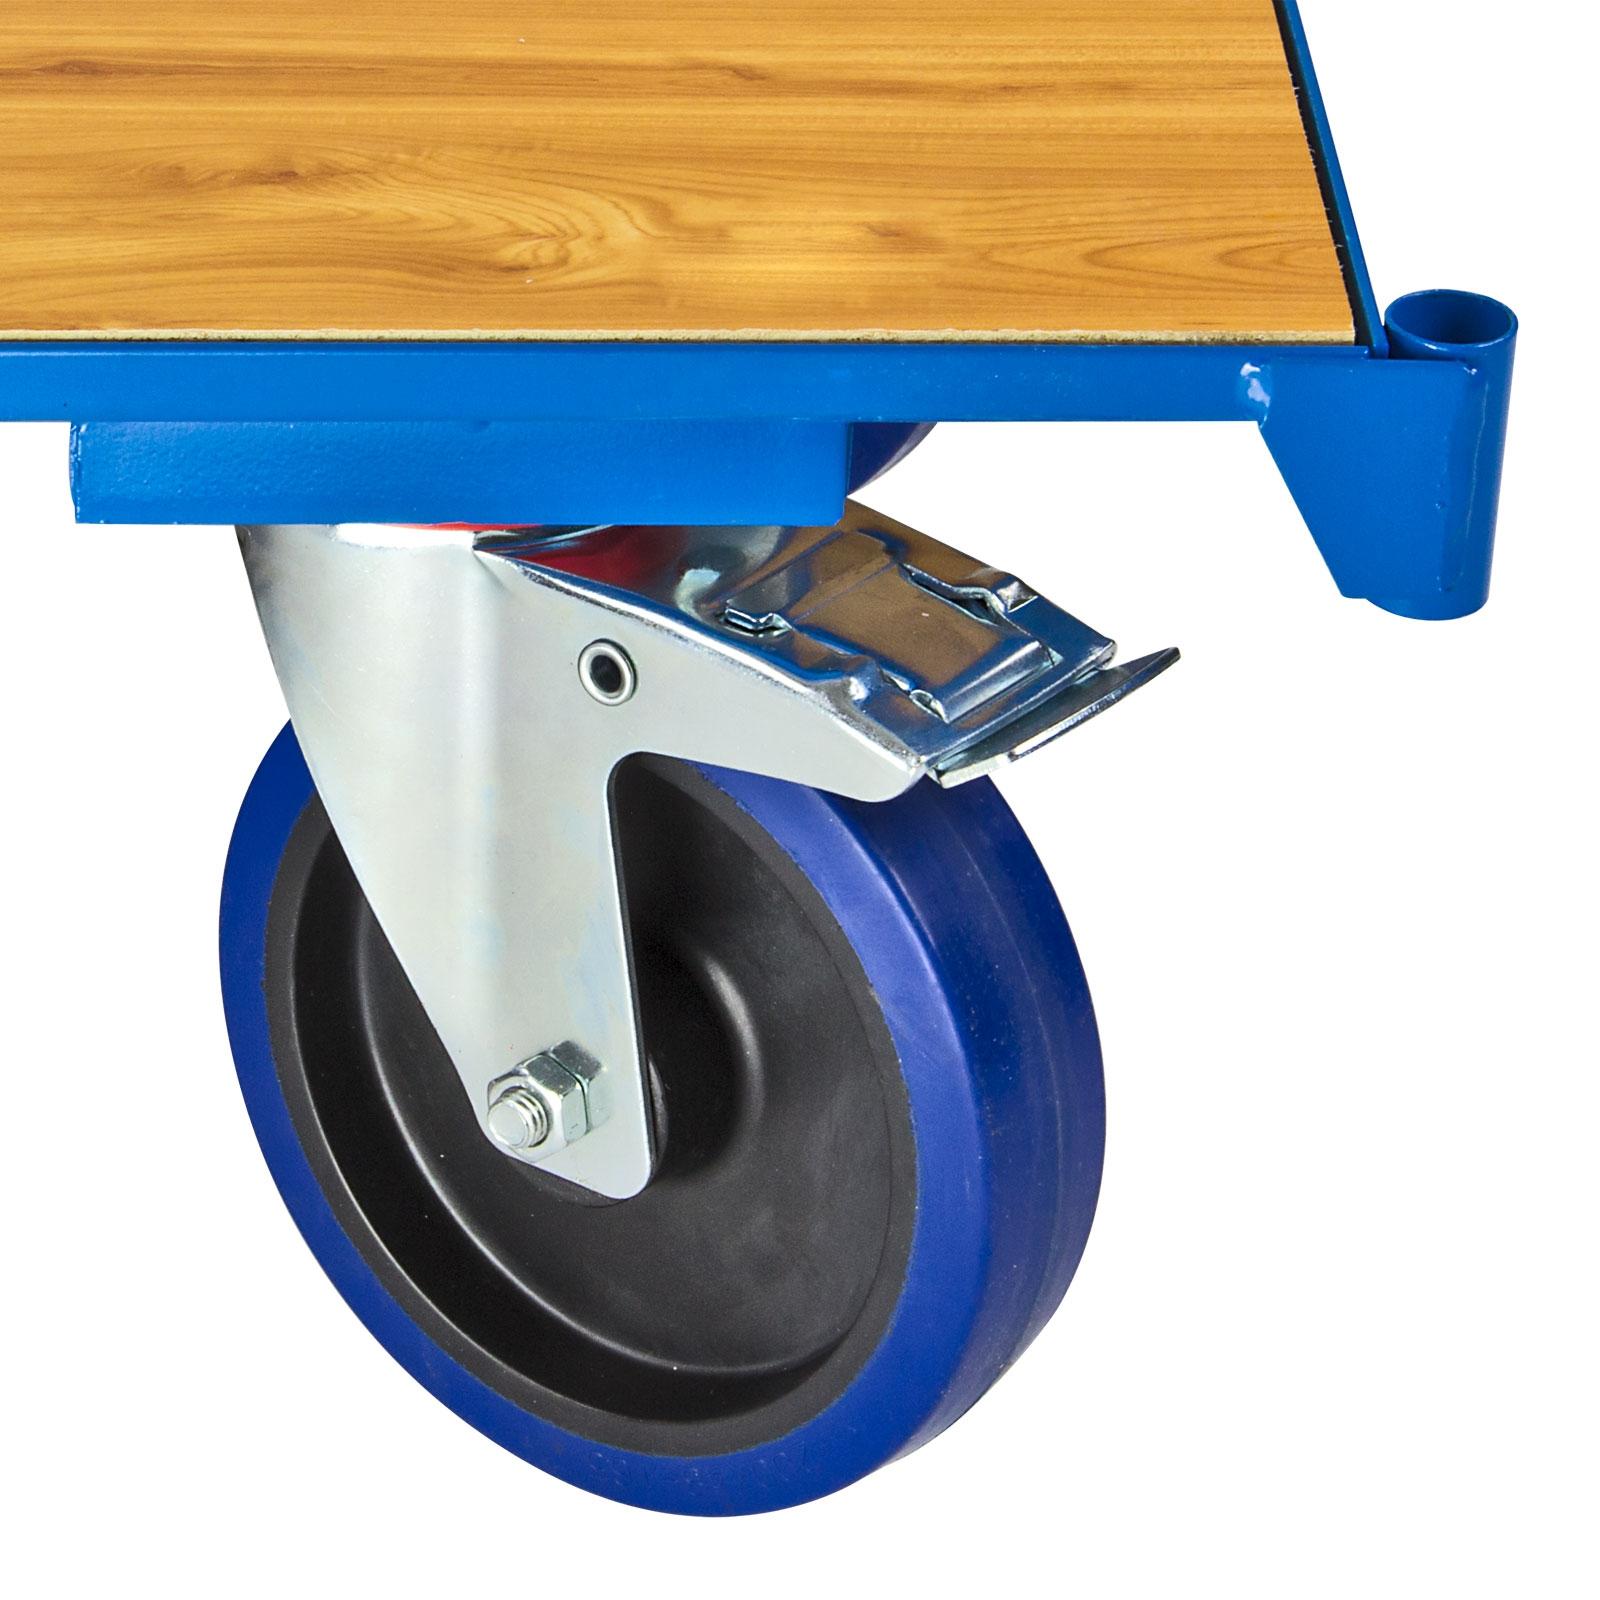 transportwagen l1000xb600 mm. Black Bedroom Furniture Sets. Home Design Ideas